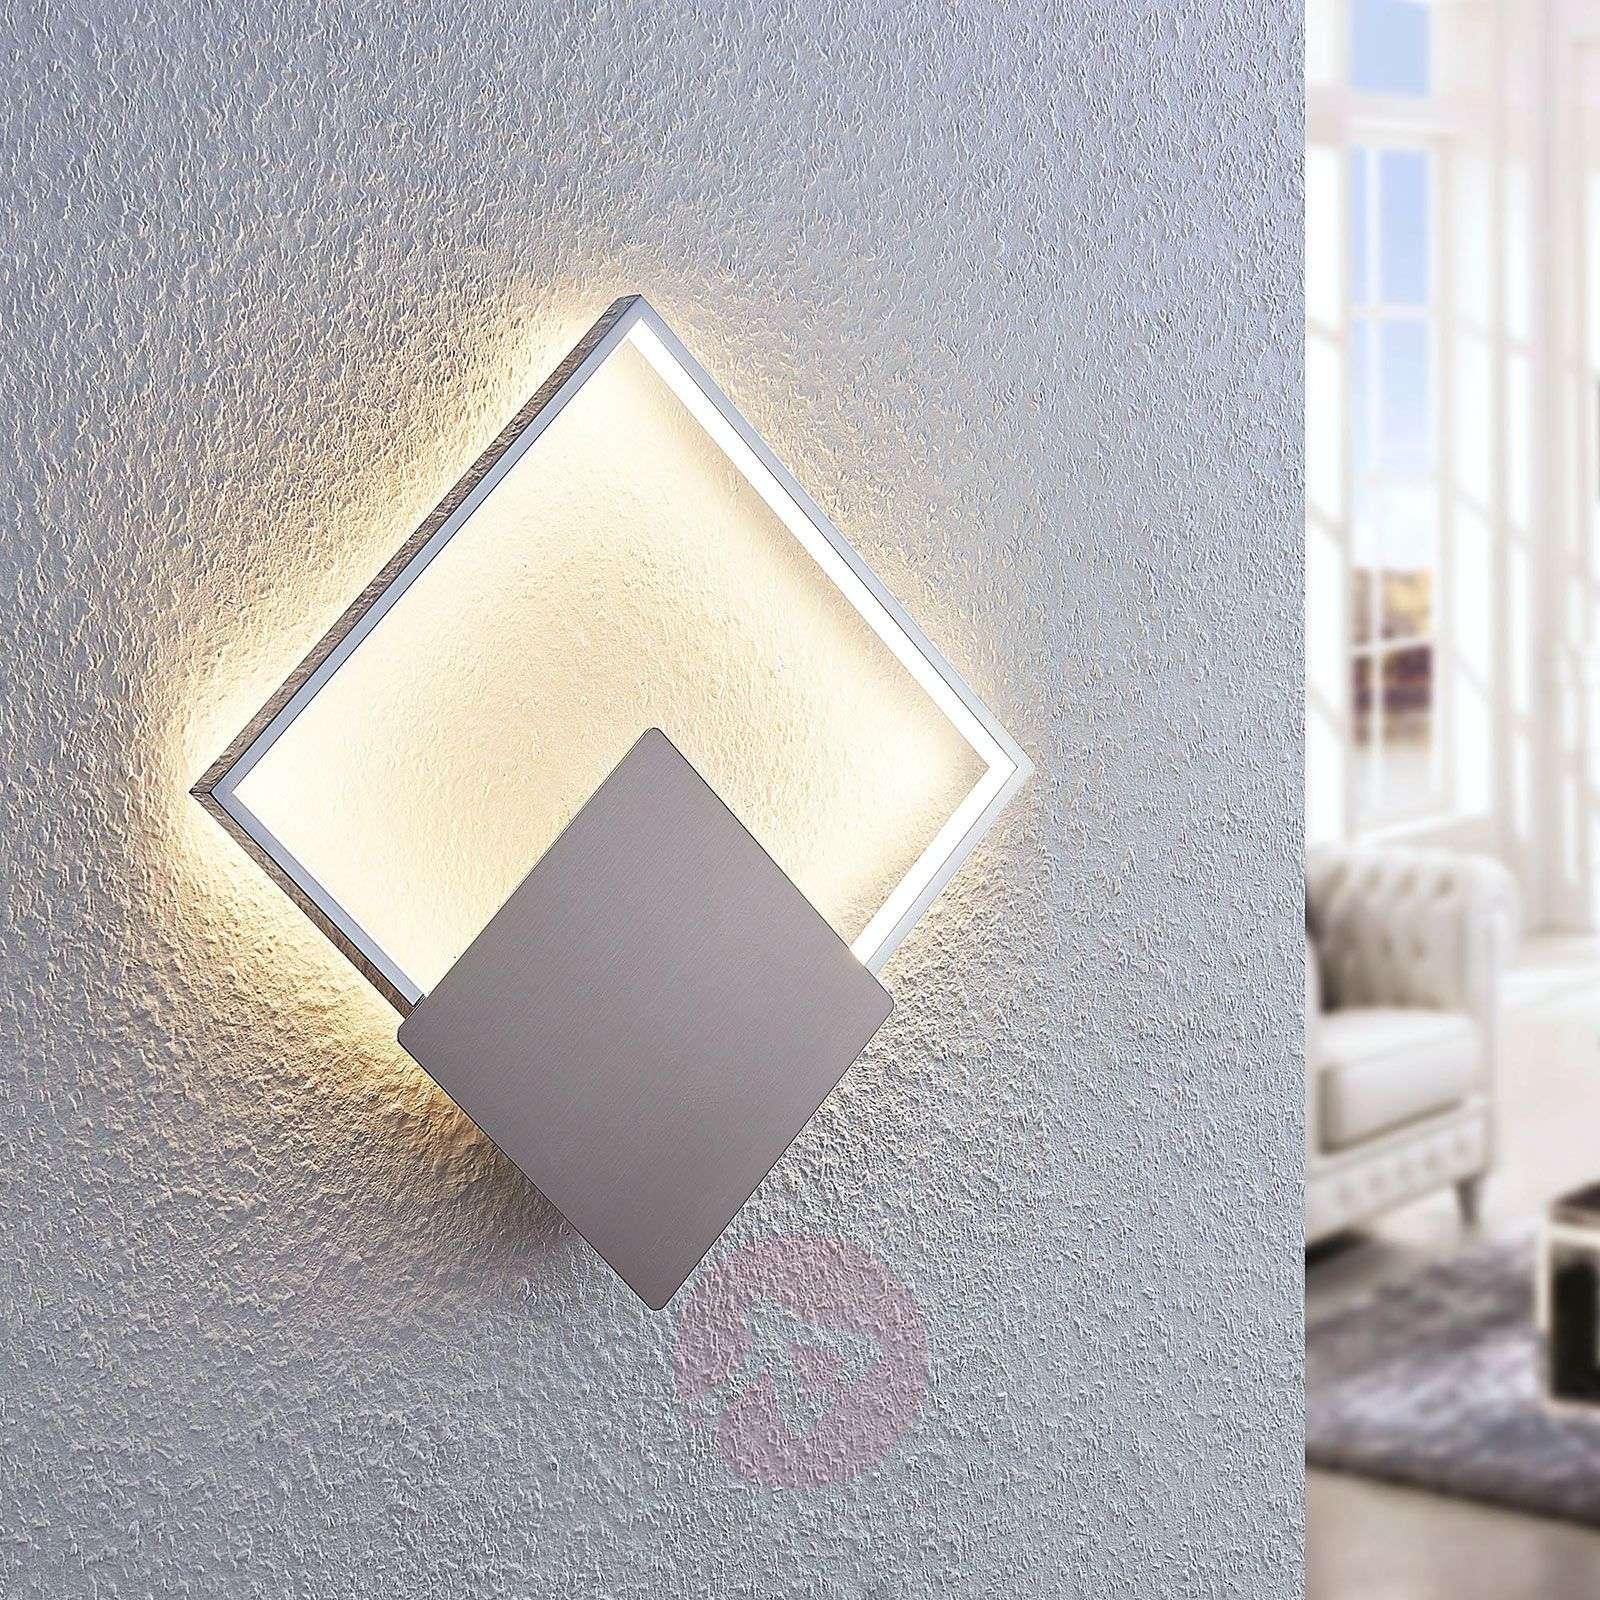 LED-seinävalaisin Anays, kulmikas, 32 cm-9984020-01